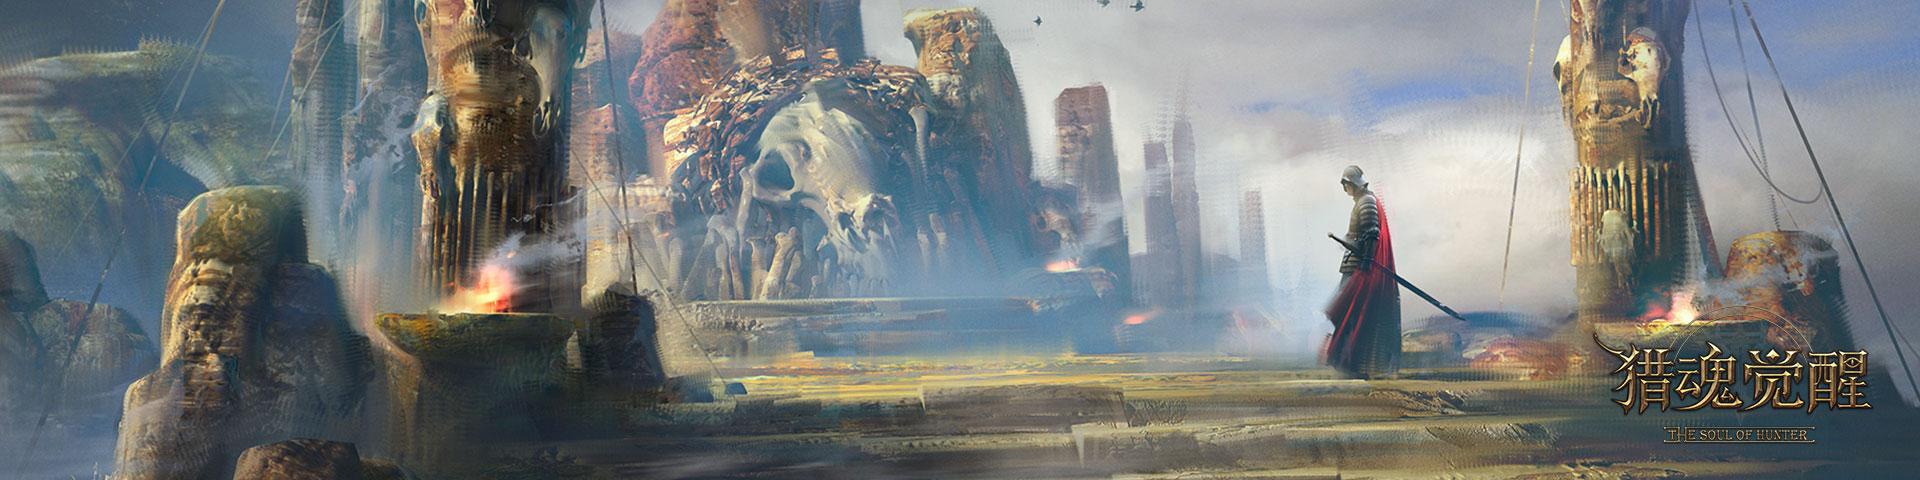 《猎魂觉醒》首测开启,游戏内截图独家爆光